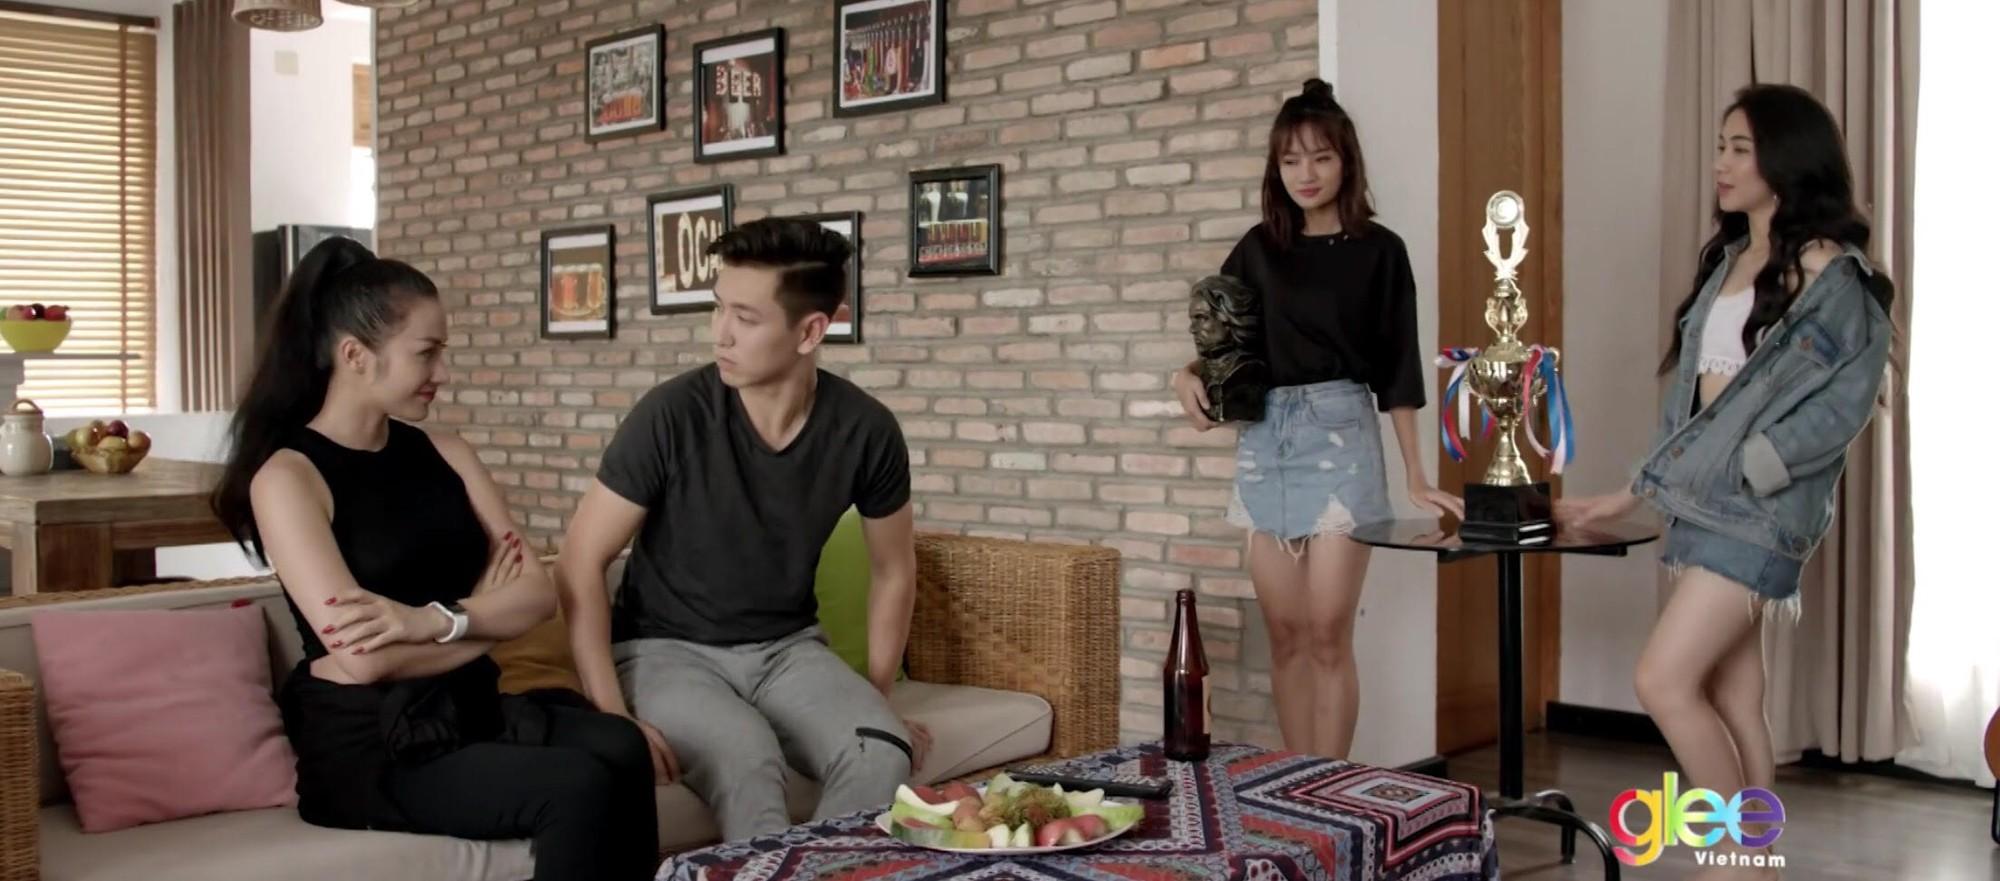 Glee Việt tập áp cuối: Để ủng hộ tinh thần Angela, toàn bộ nữ sinh của Glee đồng loạt mang bầu! - Ảnh 12.